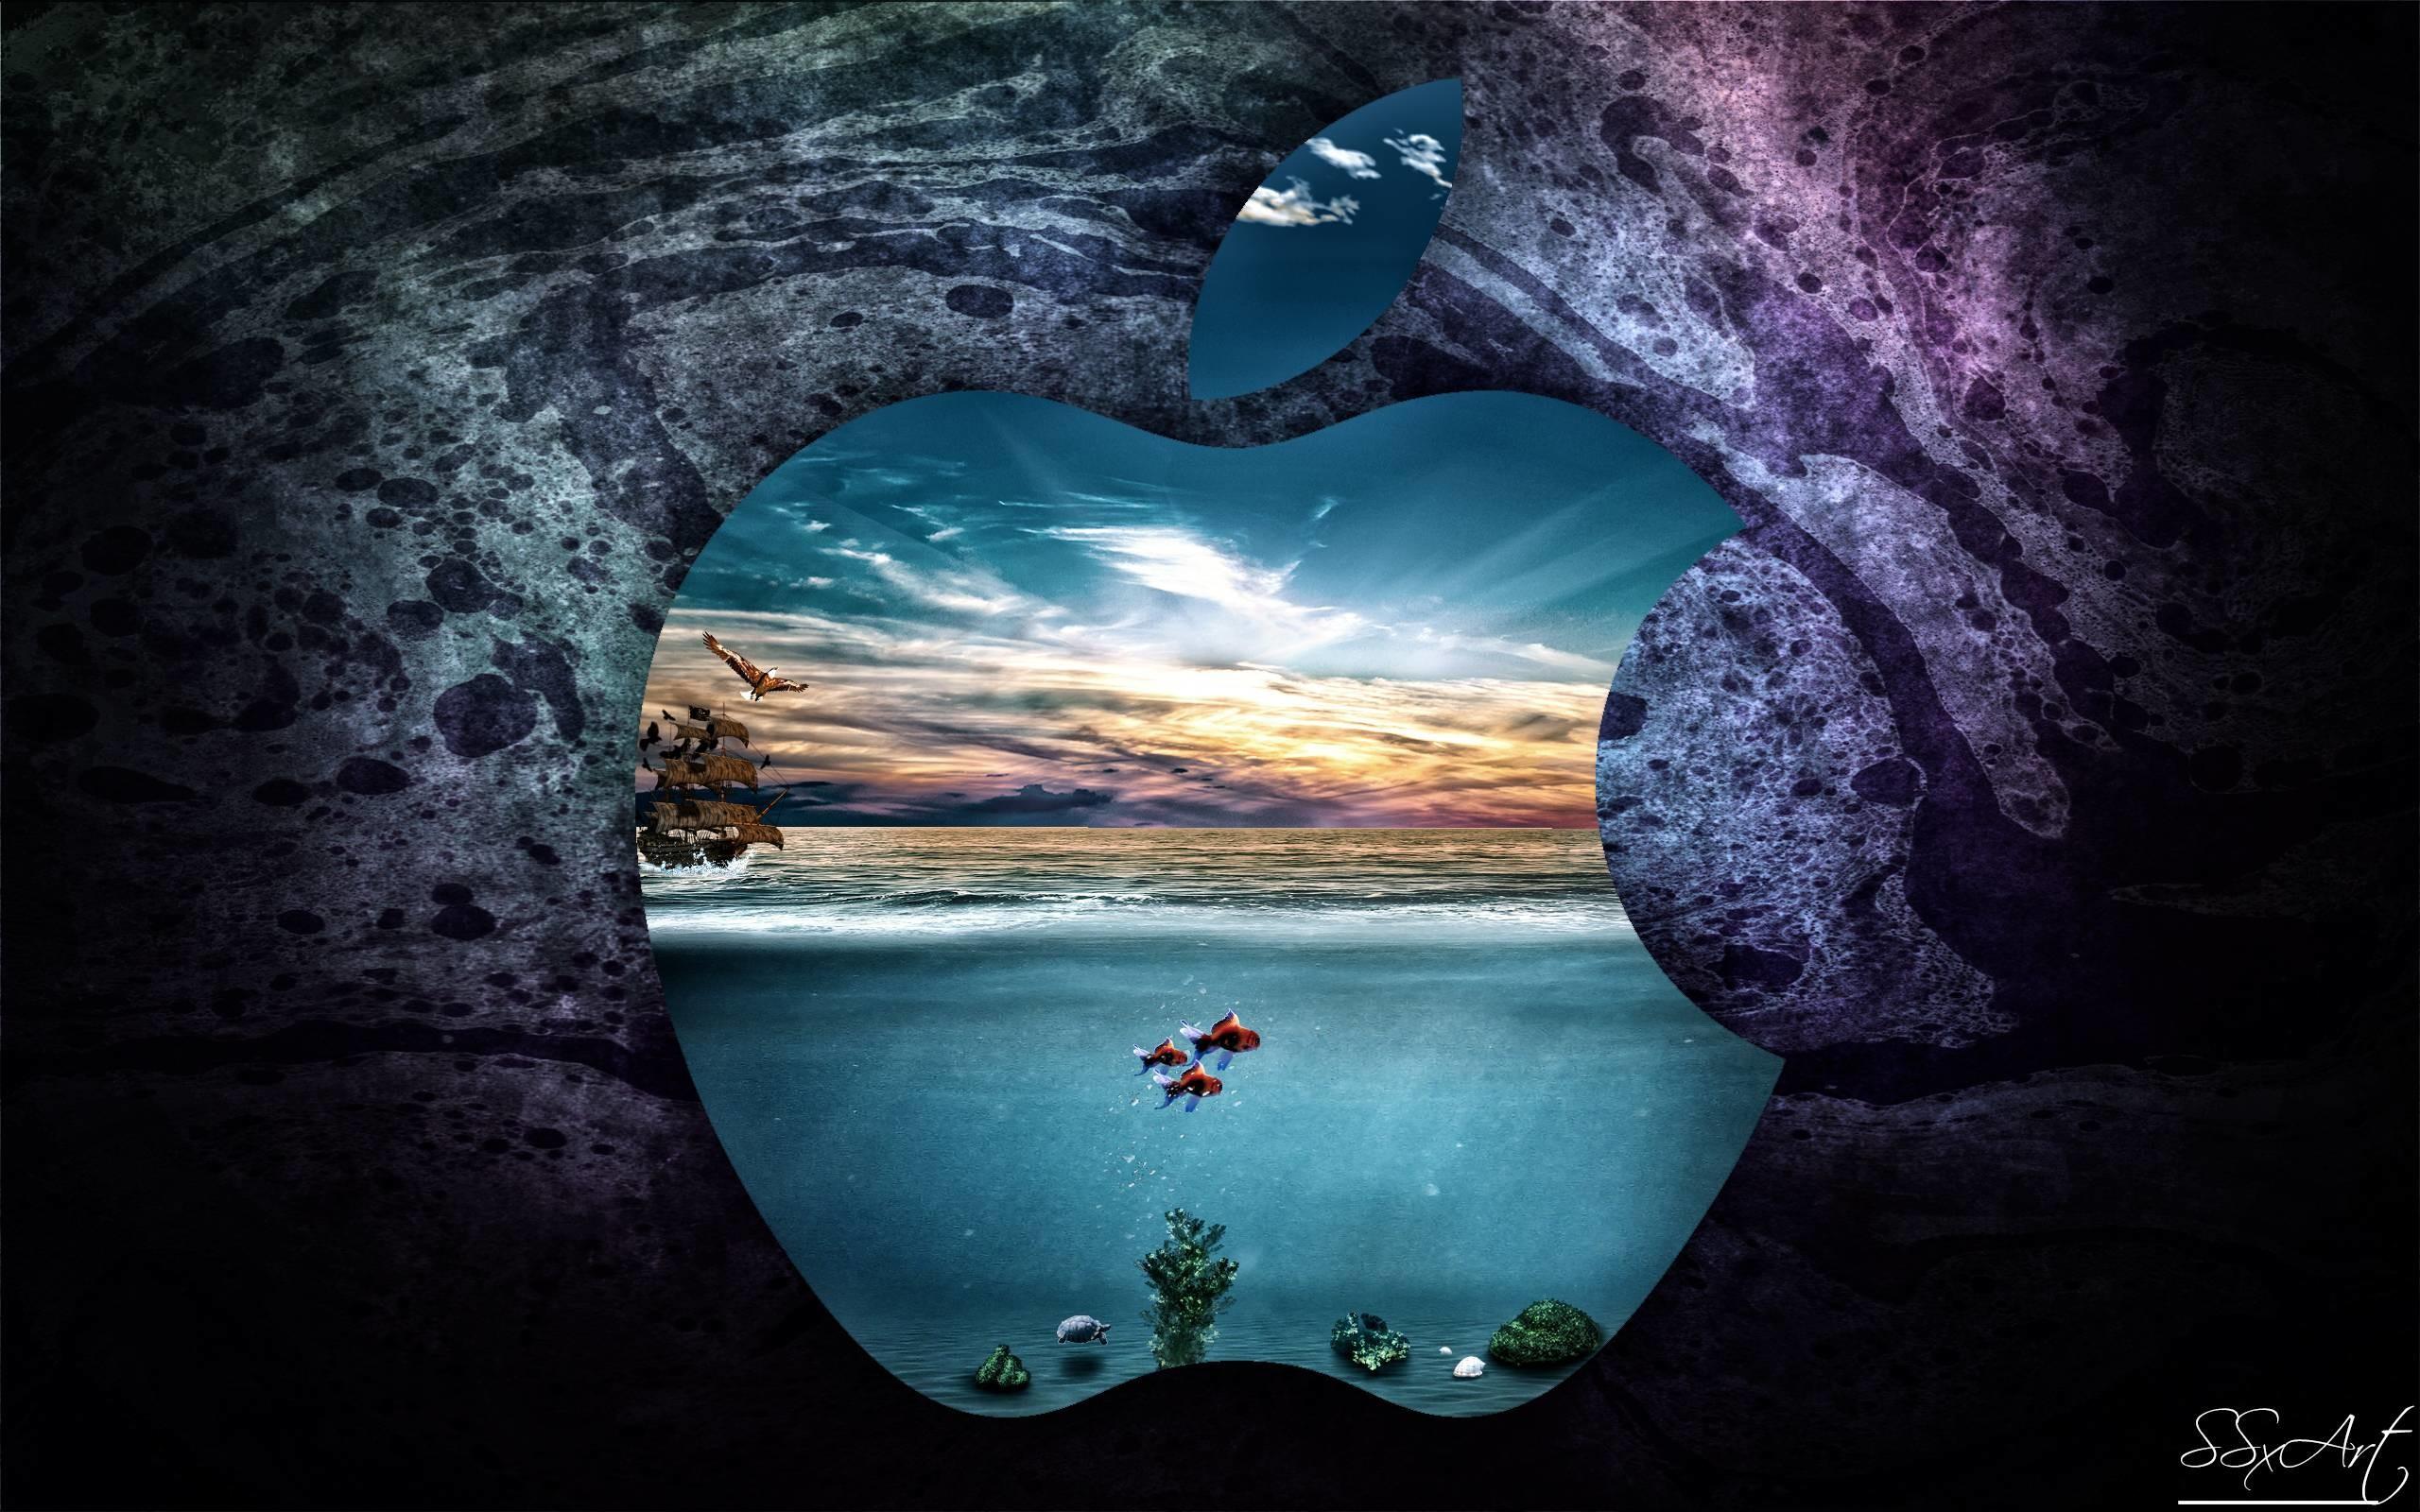 Simple Wallpaper Mac Retina Display - 677999  You Should Have_376542.jpg